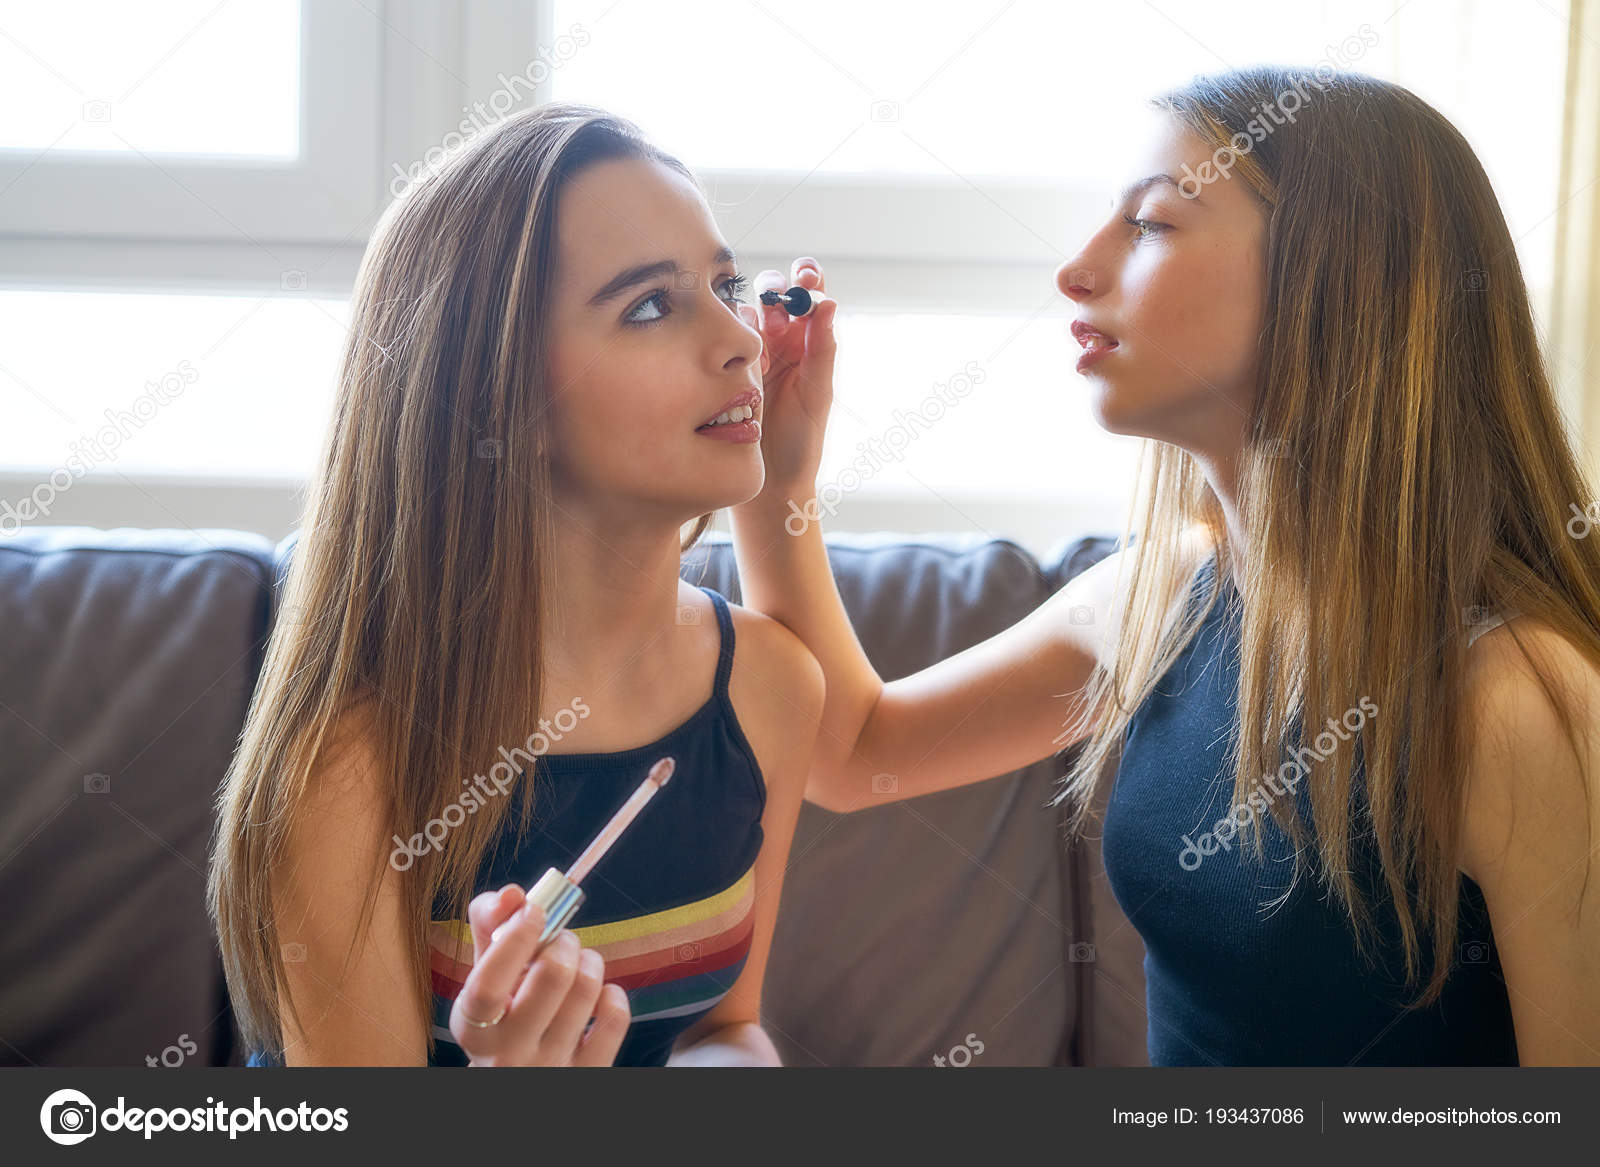 εικόνες έφηβος κορίτσια χάλια μεγάλο μαύρο κρουνός